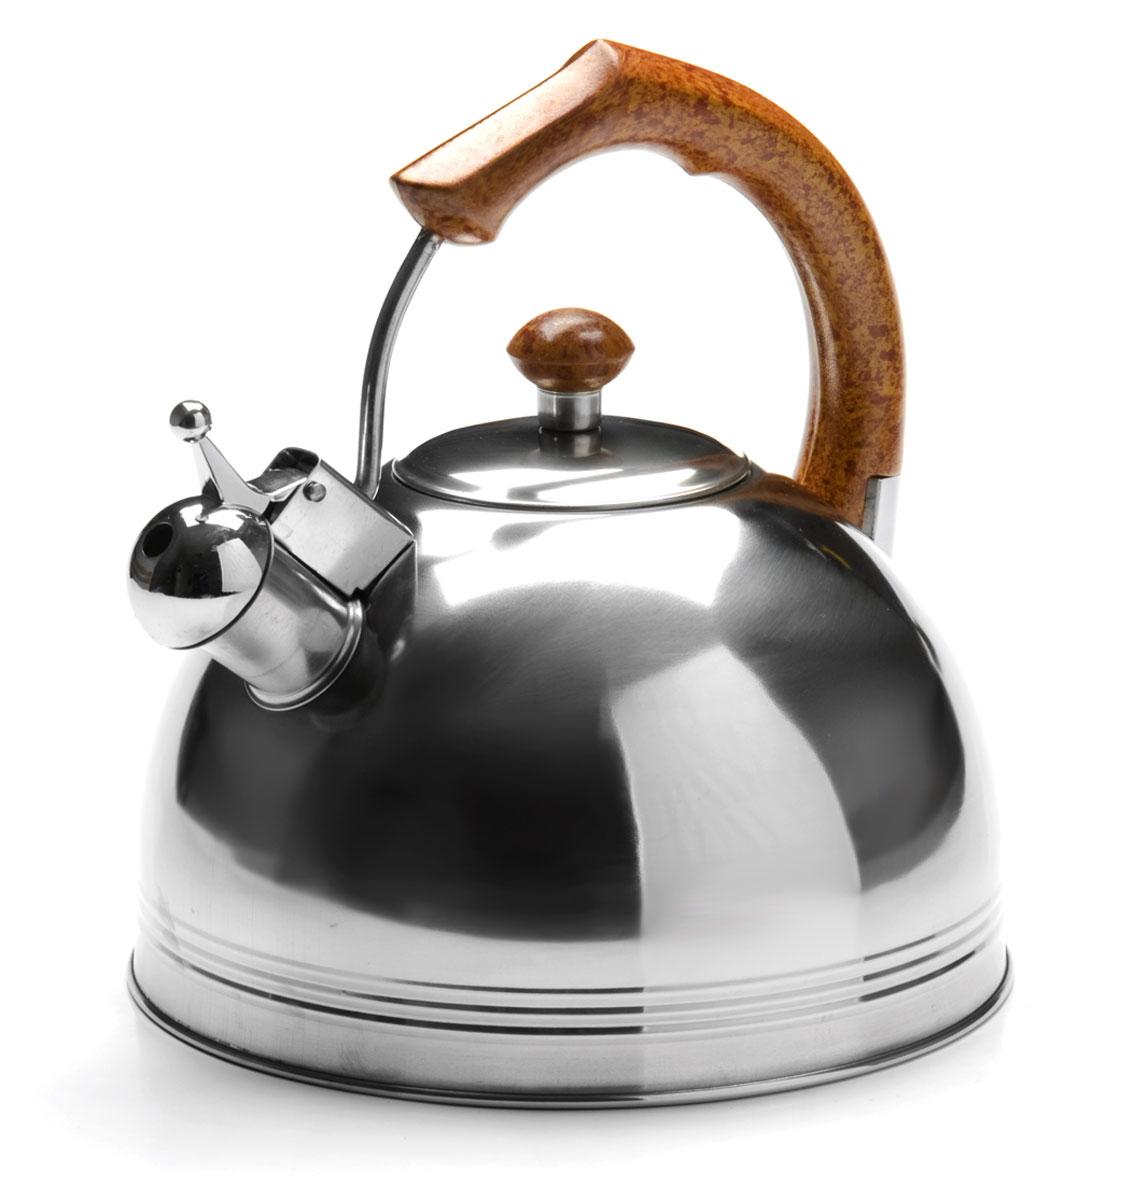 Чайник Mayer & Boch, со свистком, 4,8 л. 26169CL-7006Чайник изготовлен из высококачественной нержавеющей стали. Изделия из нержавеющей стали не окисляются и не впитывают запахи, благодаря чему вы всегда получите натуральный, насыщенный вкус и аромат напитков. Капсулированное дно с прослойкой из алюминия обеспечивает наилучшее распределение тепла. Эргономичная фиксированная ручка выполнена из нержавеющей стали и бакелита и стилизована под дерево. Носик чайника оснащен насадкой-свистком, который позволяет контролировать процесс кипячения или подогрева воды. Поверхность чайника гладкая, что облегчает уход за ним. Подходит для использования на всех типах плит, кроме индукционных. Подходит для мытья в посудомоечной машине.Объем чайника: 4,8 л.